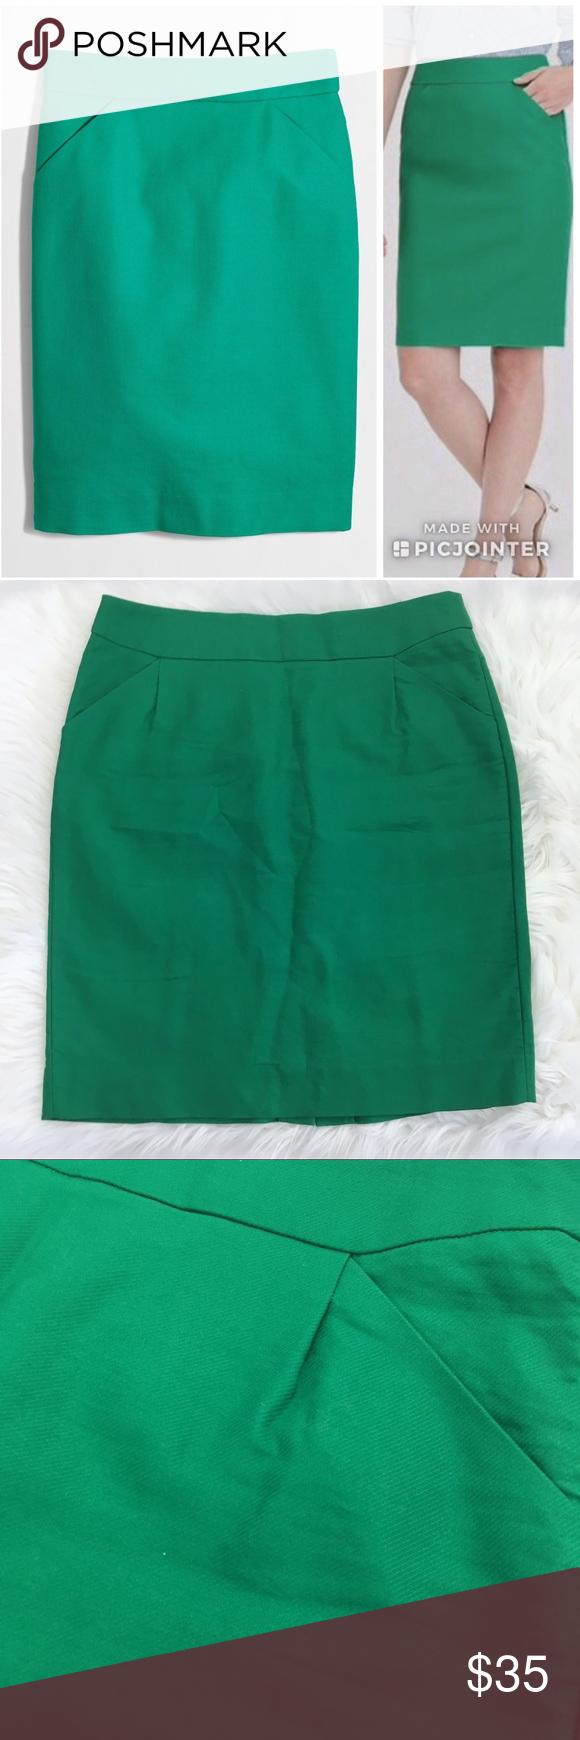 1978ffeeaa Emerald Green Pencil Skirt